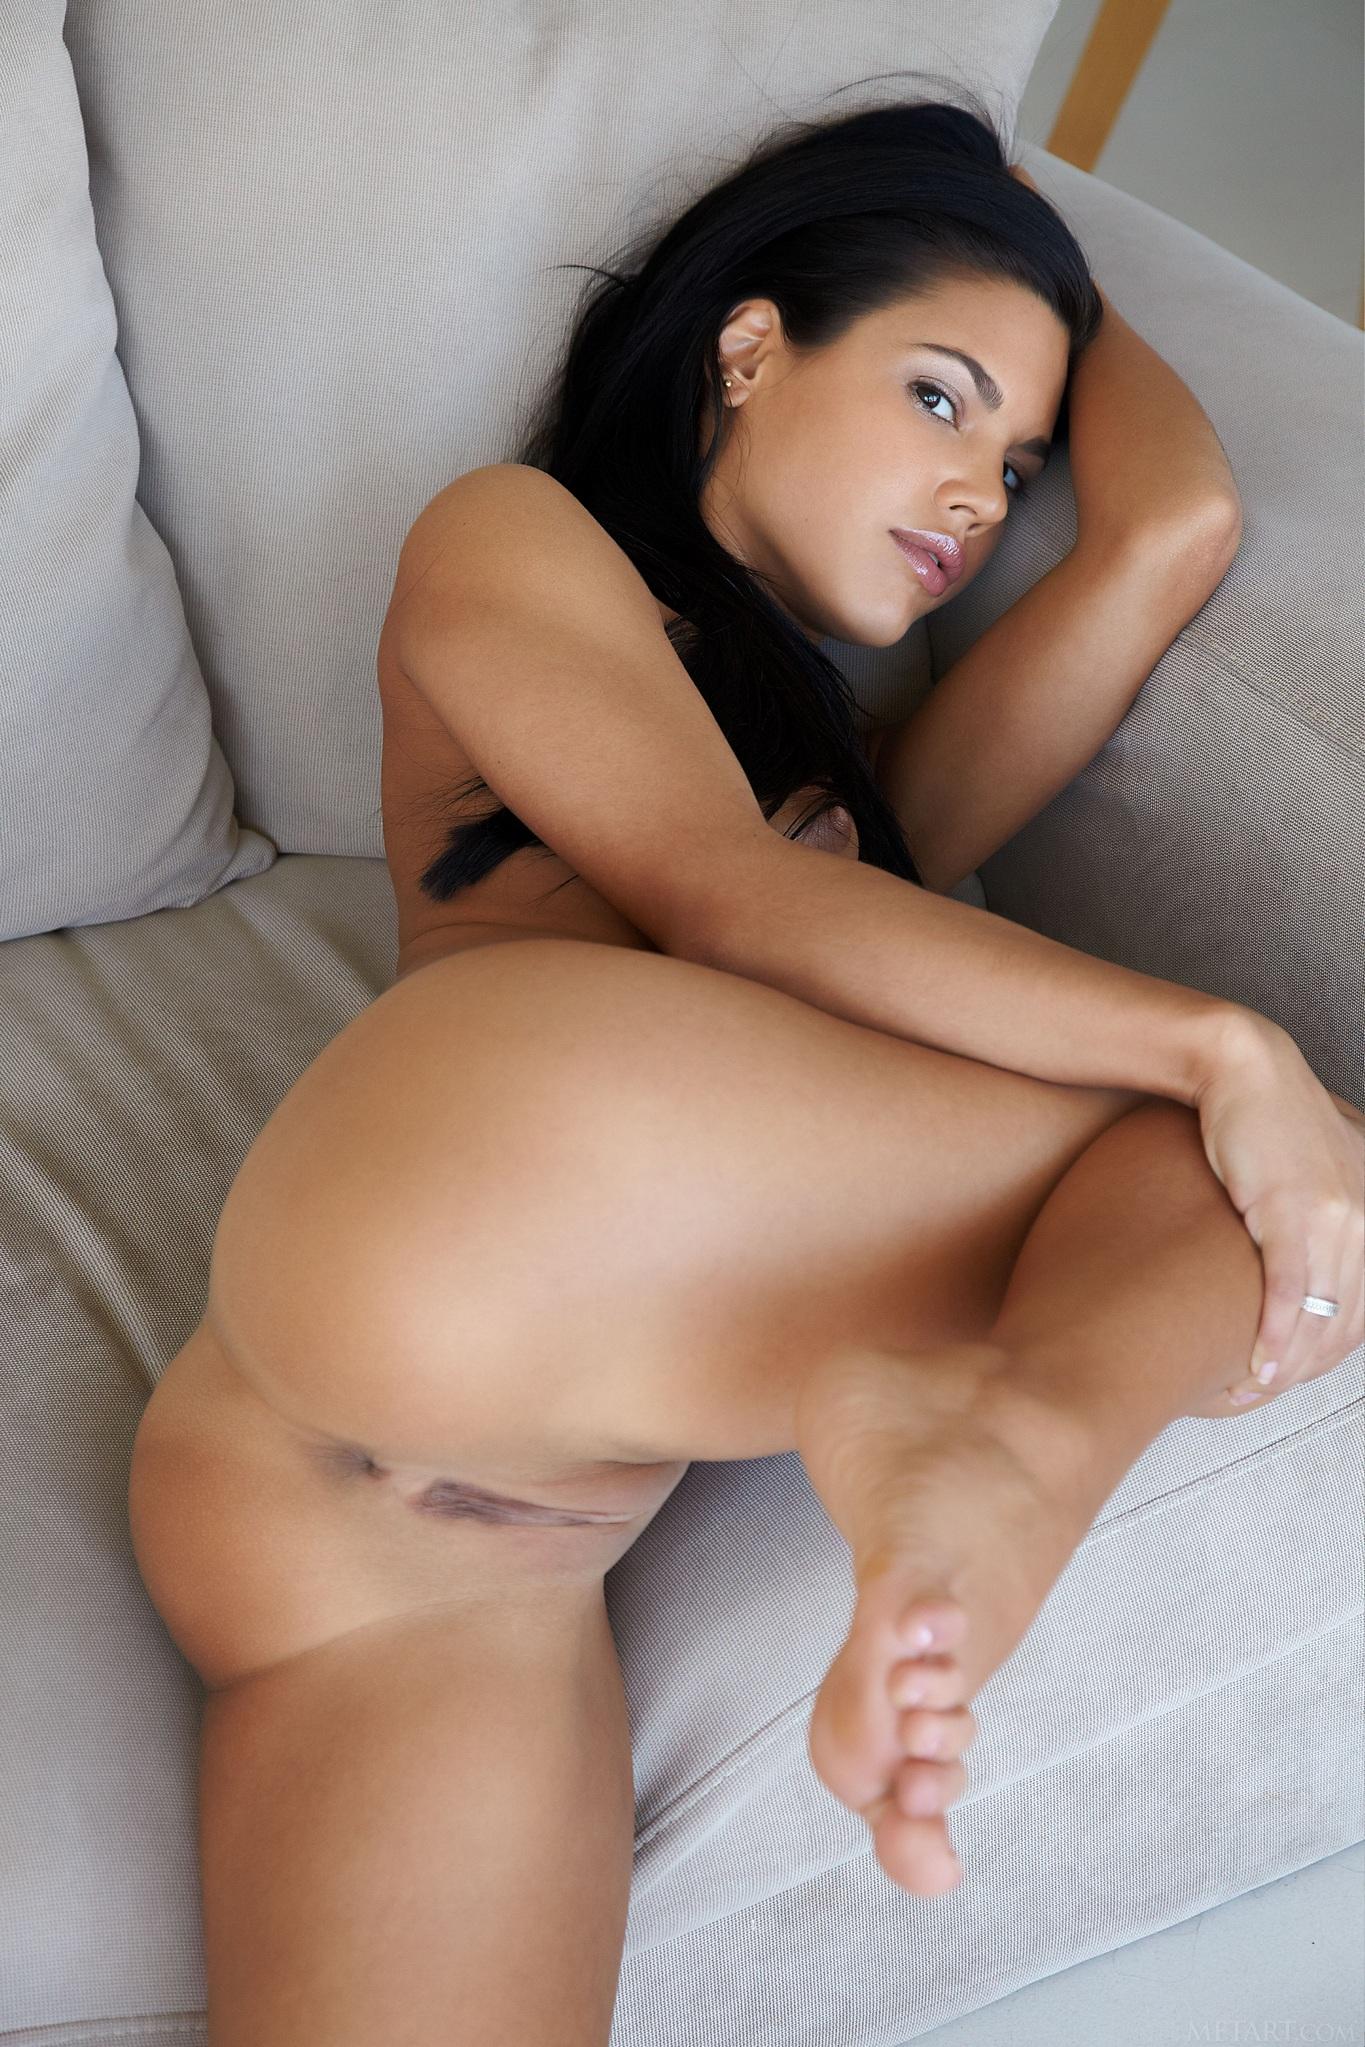 Nude Apolonia Lapiedra nude photos 2019